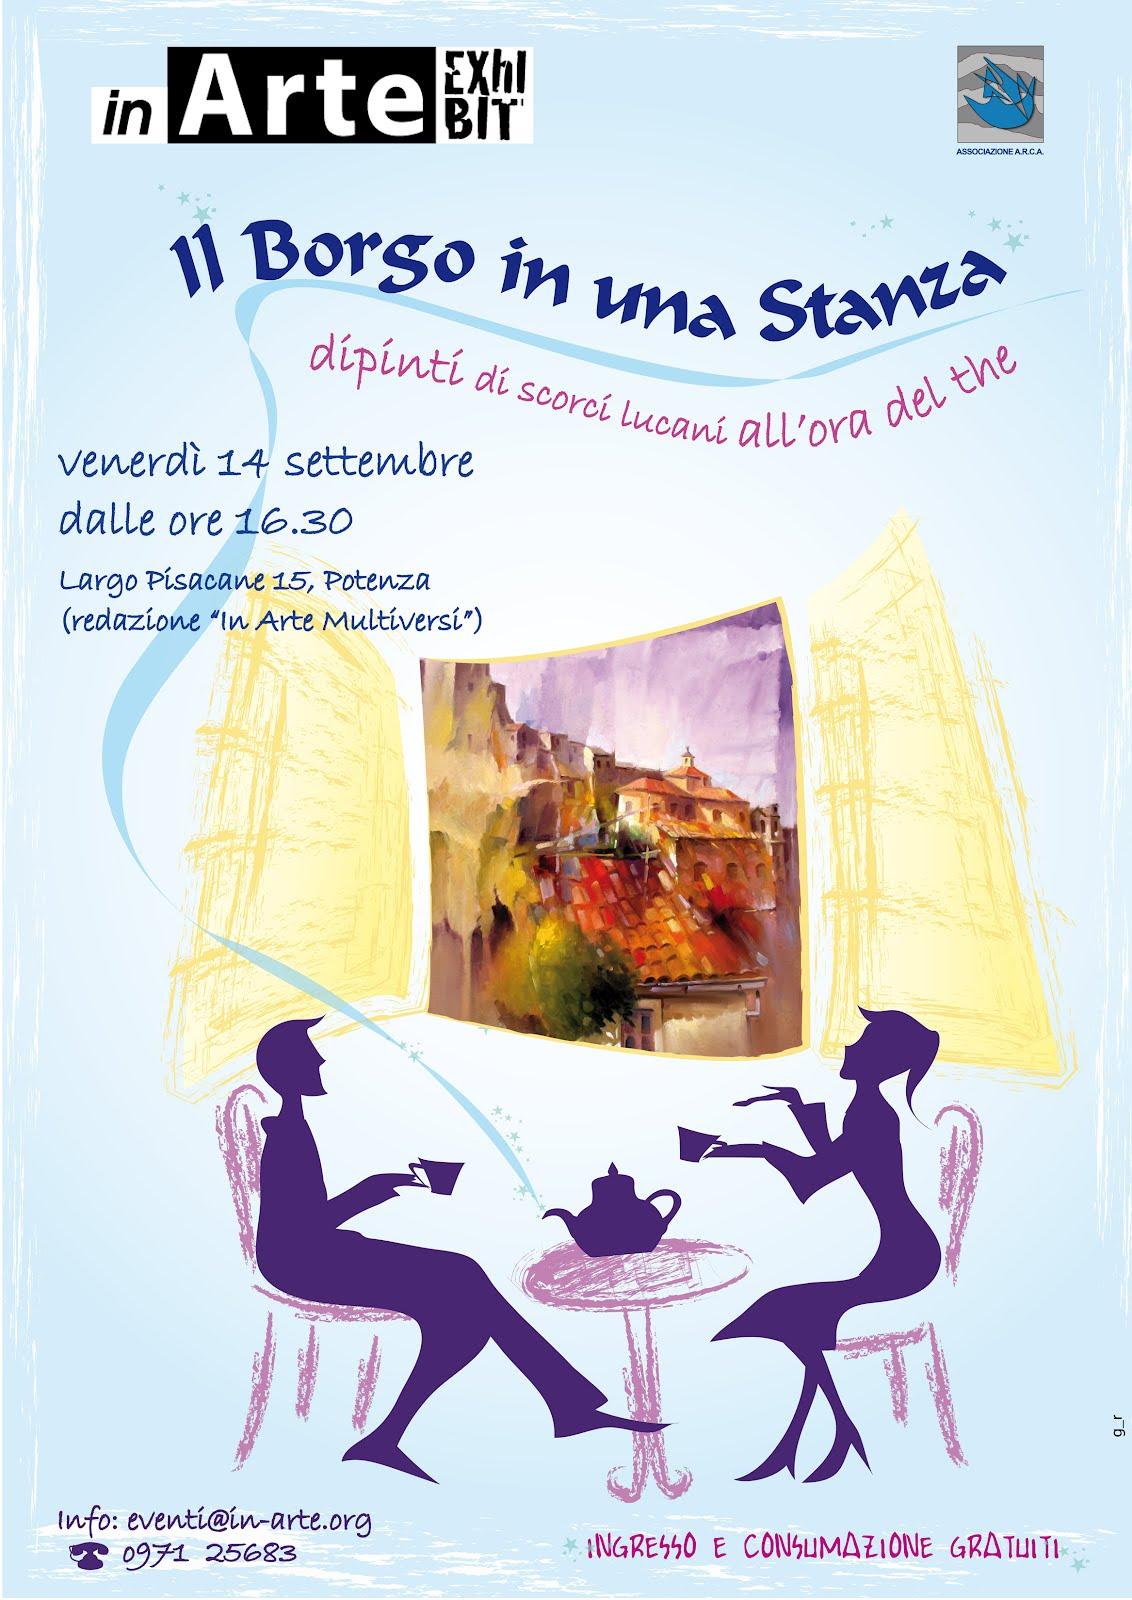 http://inarte-blog.blogspot.it/2012/09/il-borgo-in-una-stanza.html